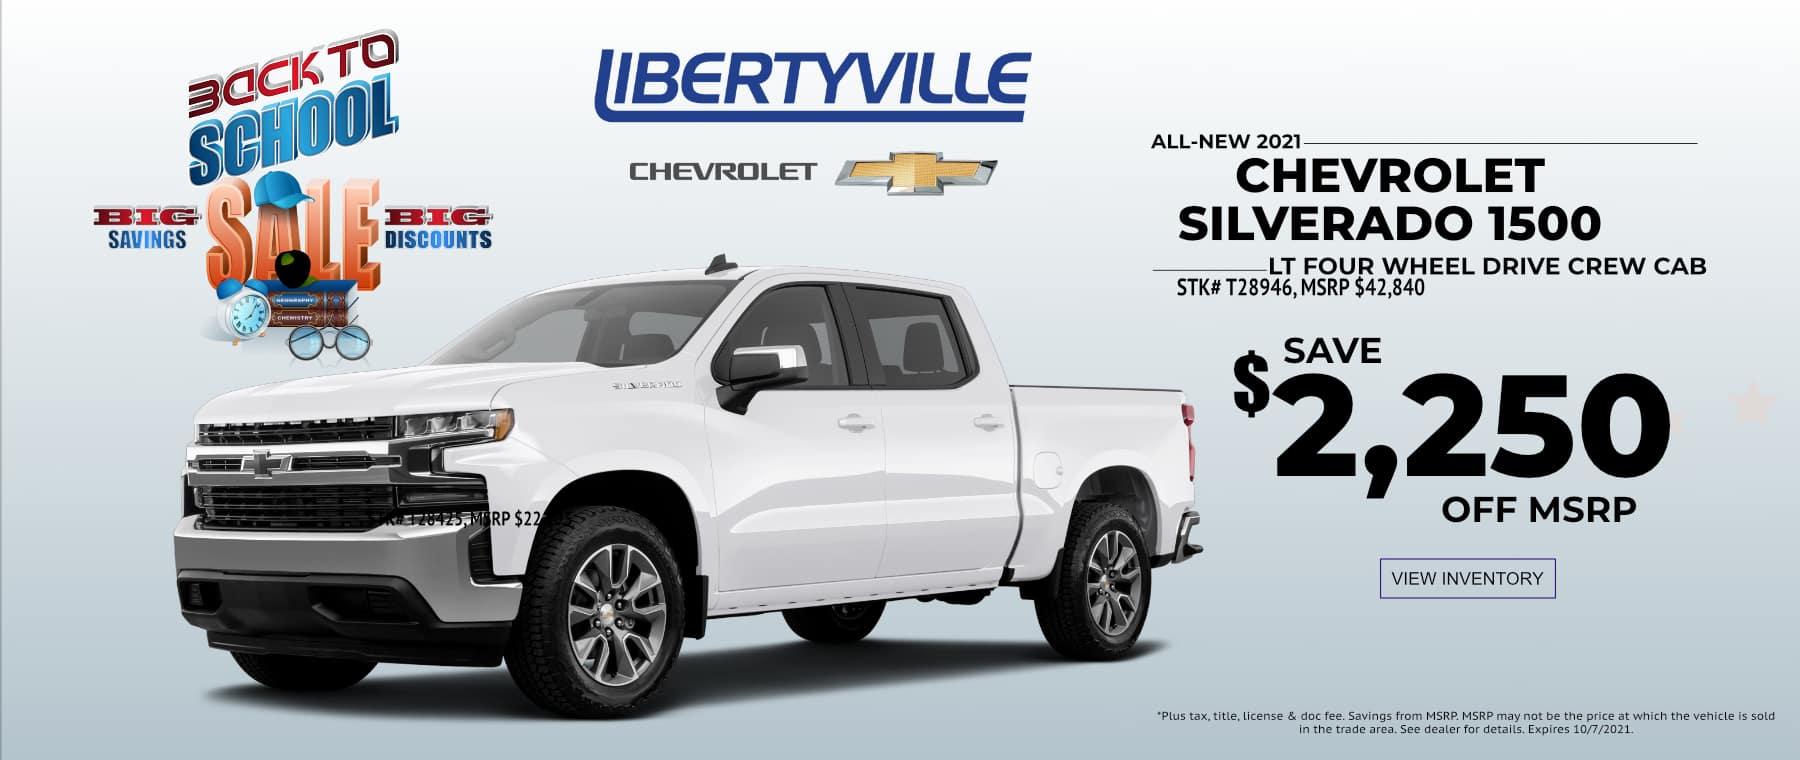 R_September_2021 Silverado Libertyville